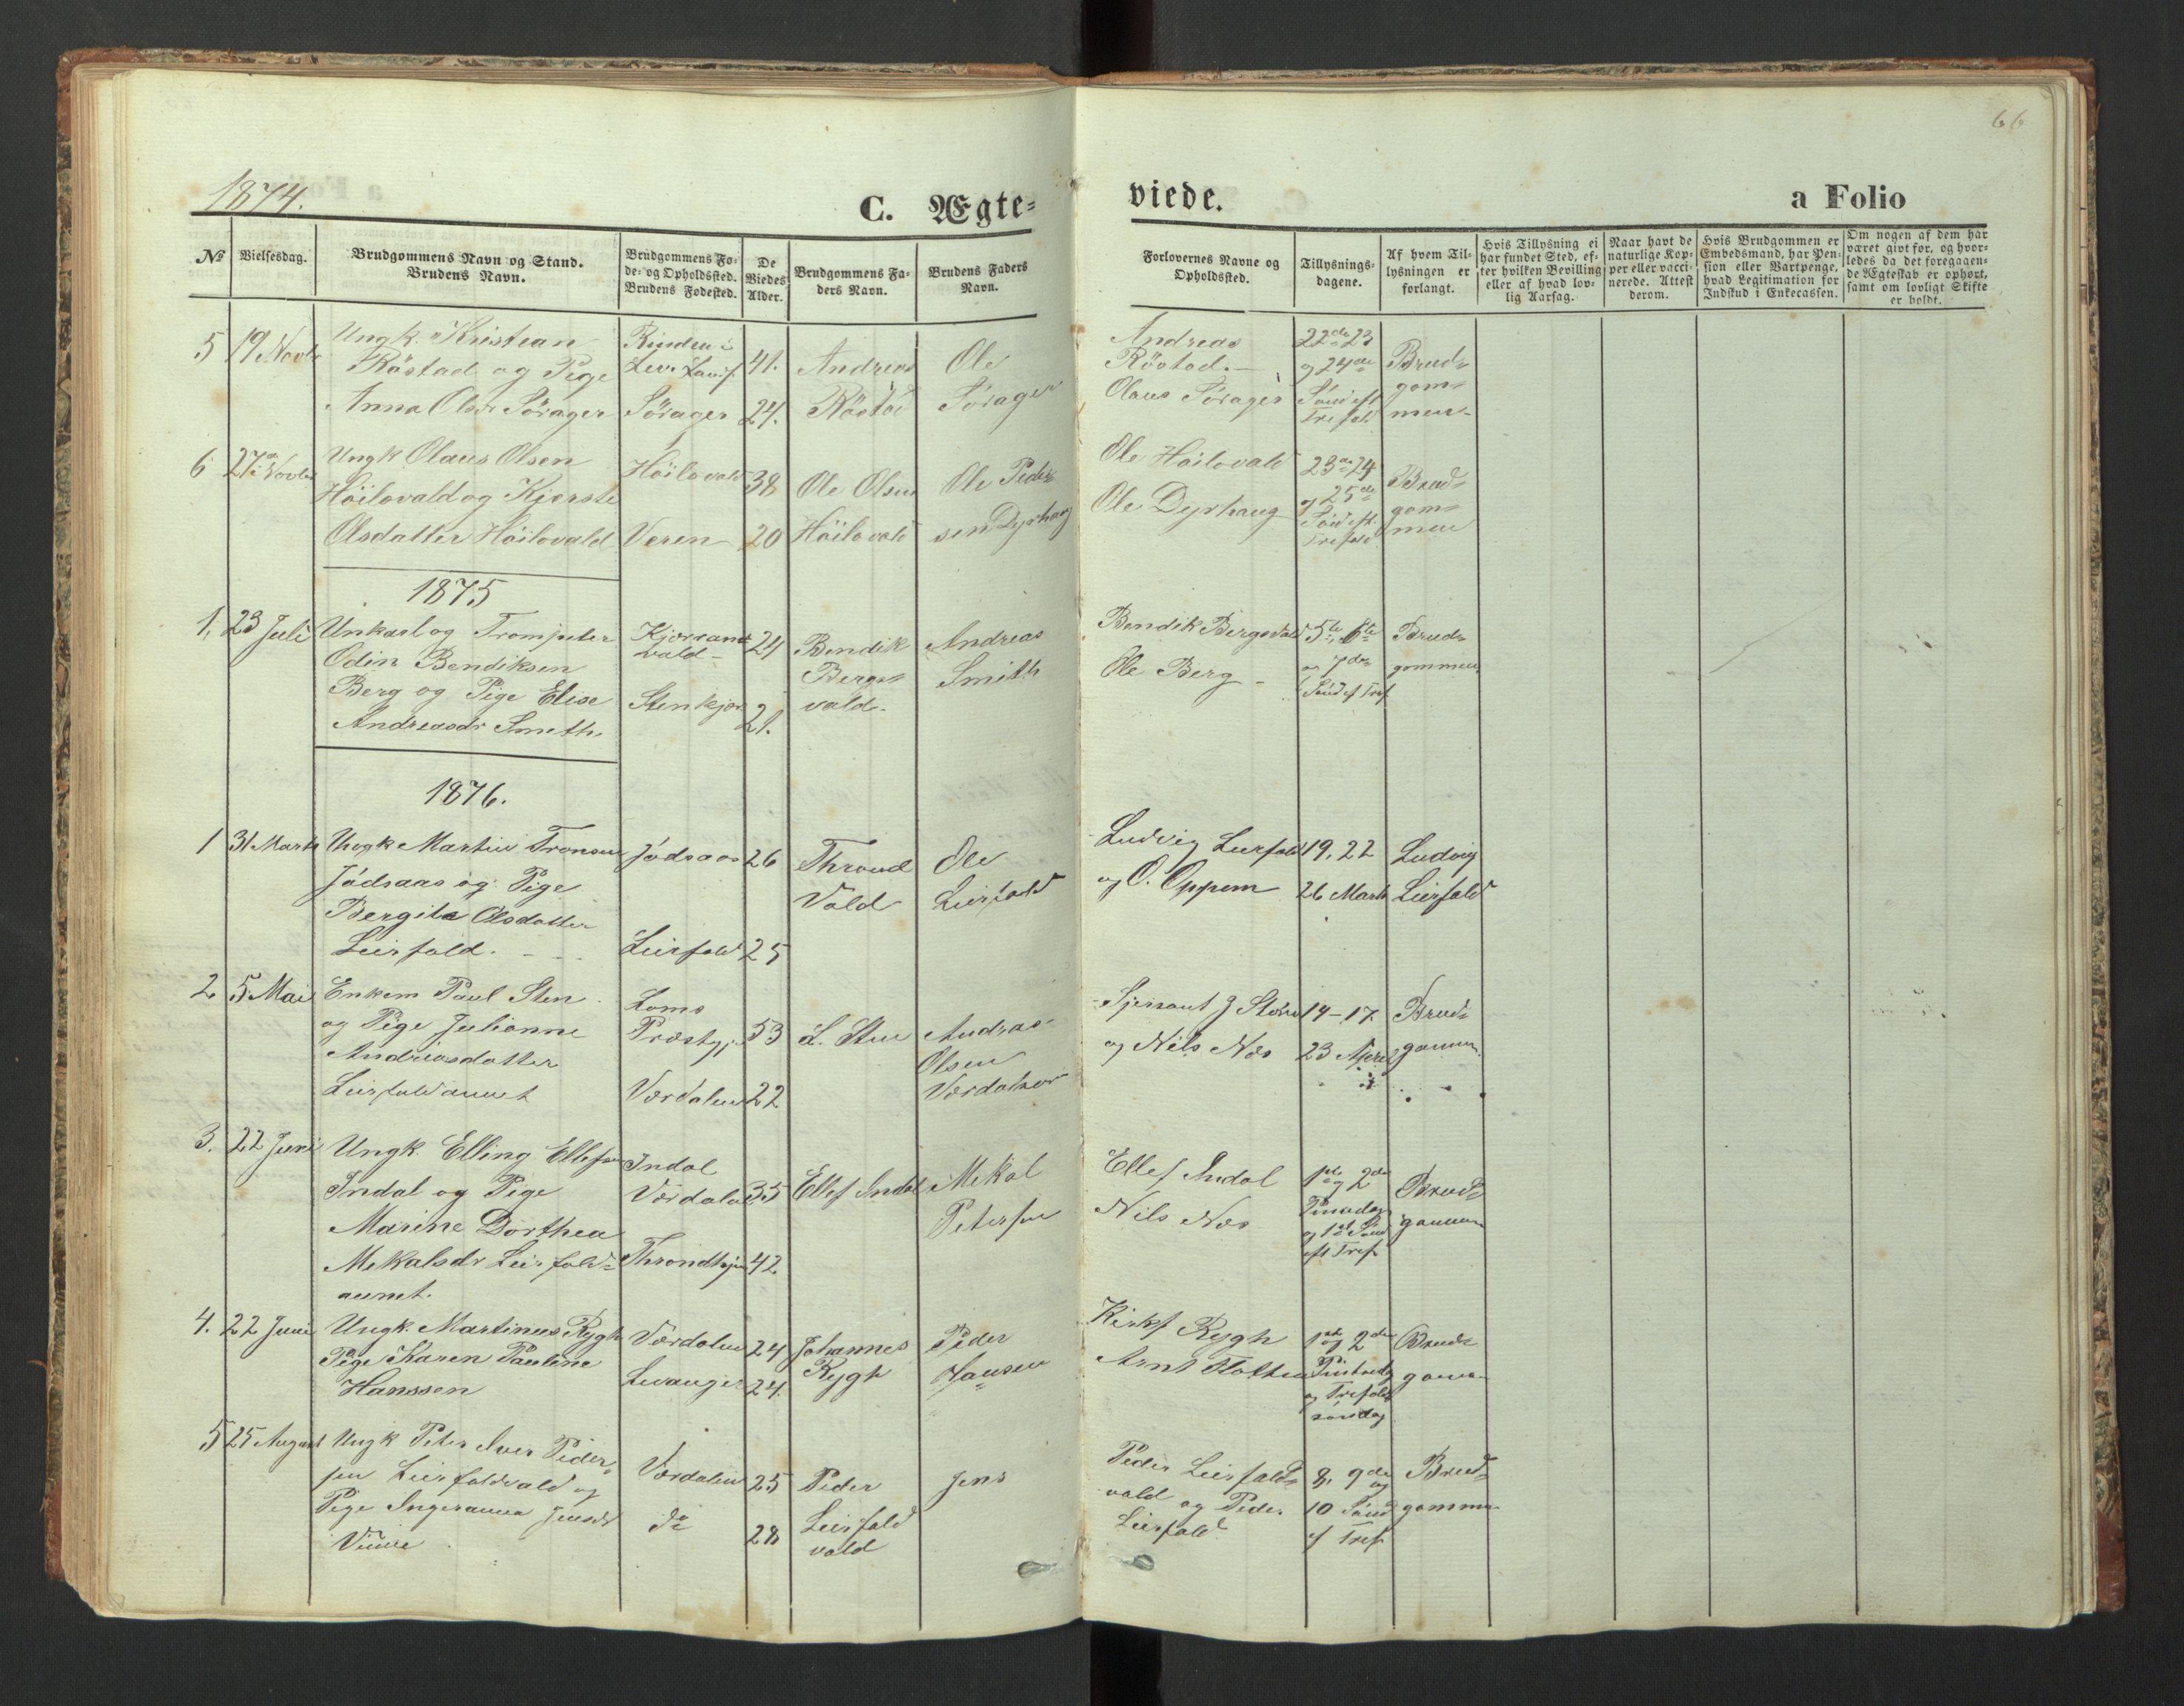 SAT, Ministerialprotokoller, klokkerbøker og fødselsregistre - Nord-Trøndelag, 726/L0271: Klokkerbok nr. 726C02, 1869-1897, s. 66